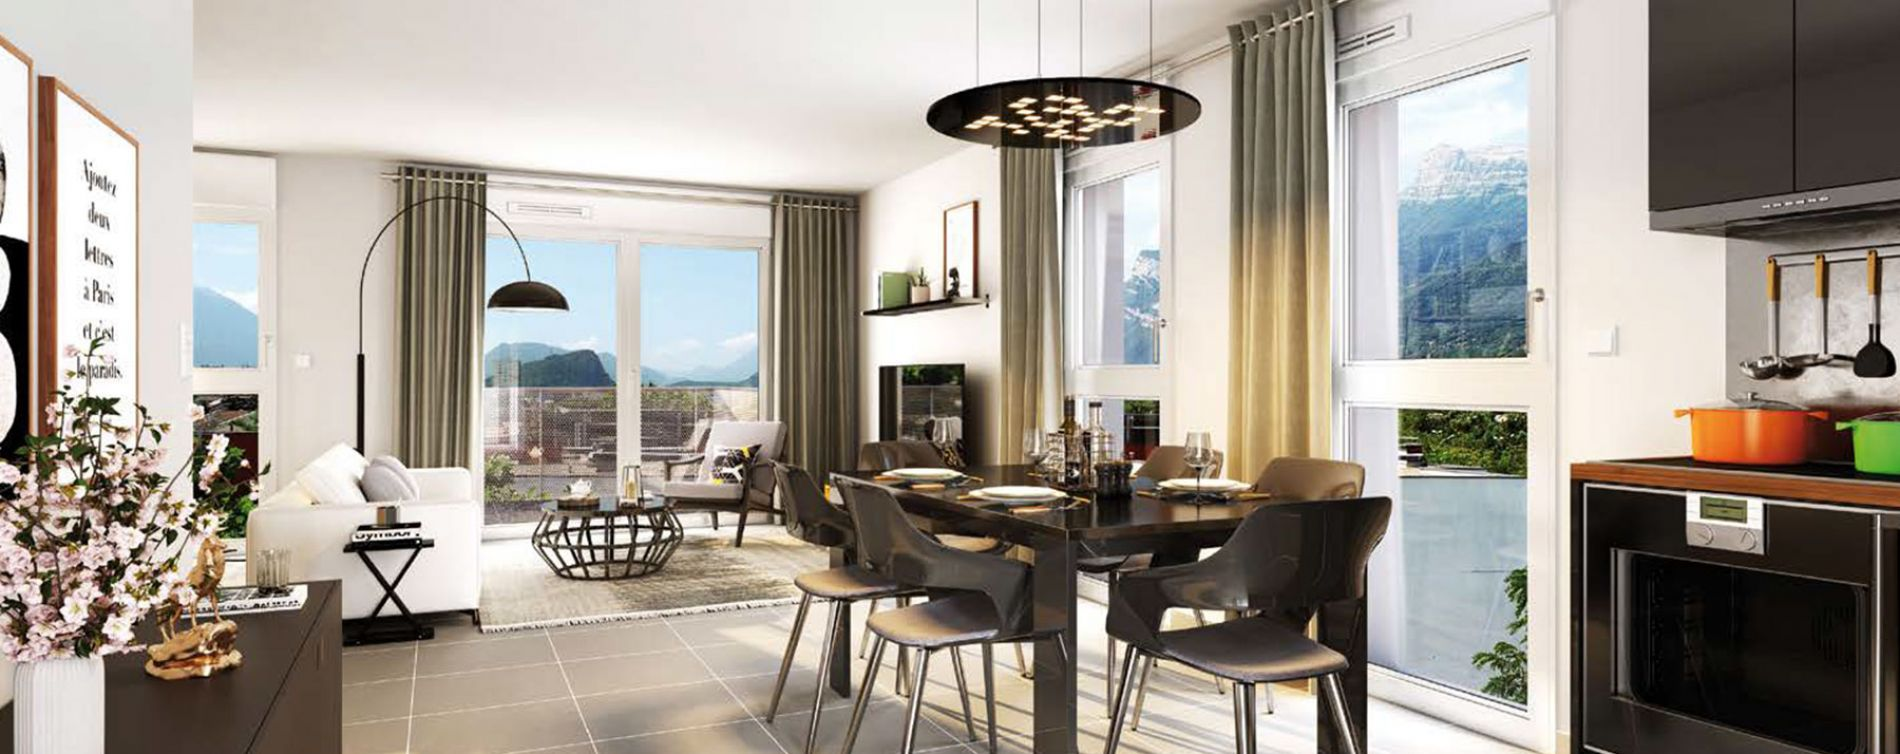 Le Pont-de-Claix : programme immobilier neuve « Toises & Moi » (2)